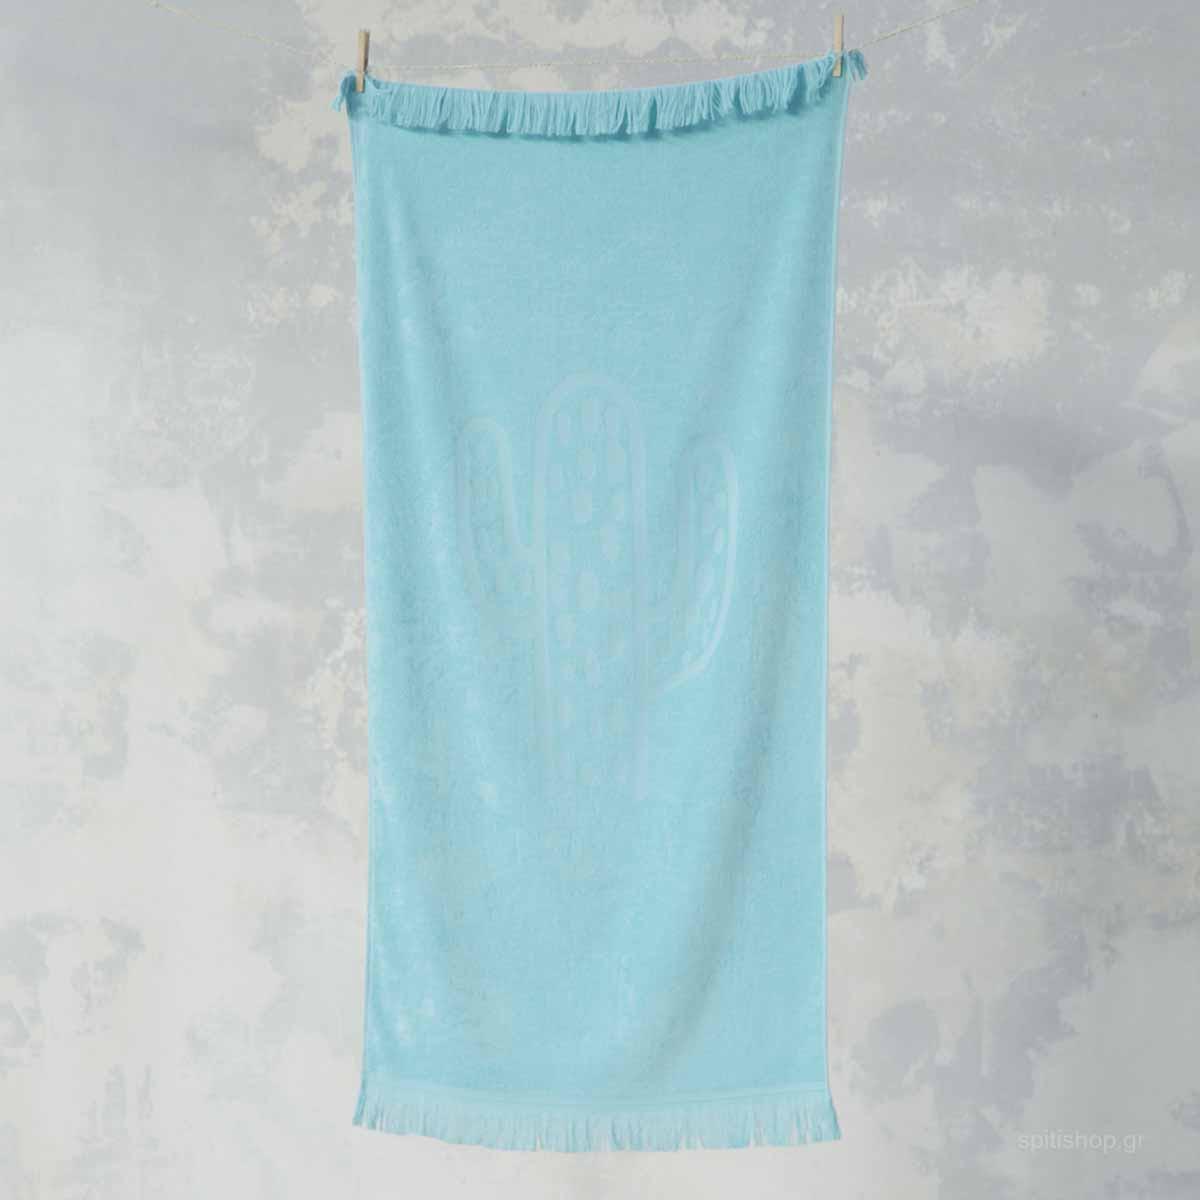 Παιδική Πετσέτα Θαλάσσης Nima Kids Beach Cactil Aqua home   θαλάσσης   πετσέτες θαλάσσης παιδικές